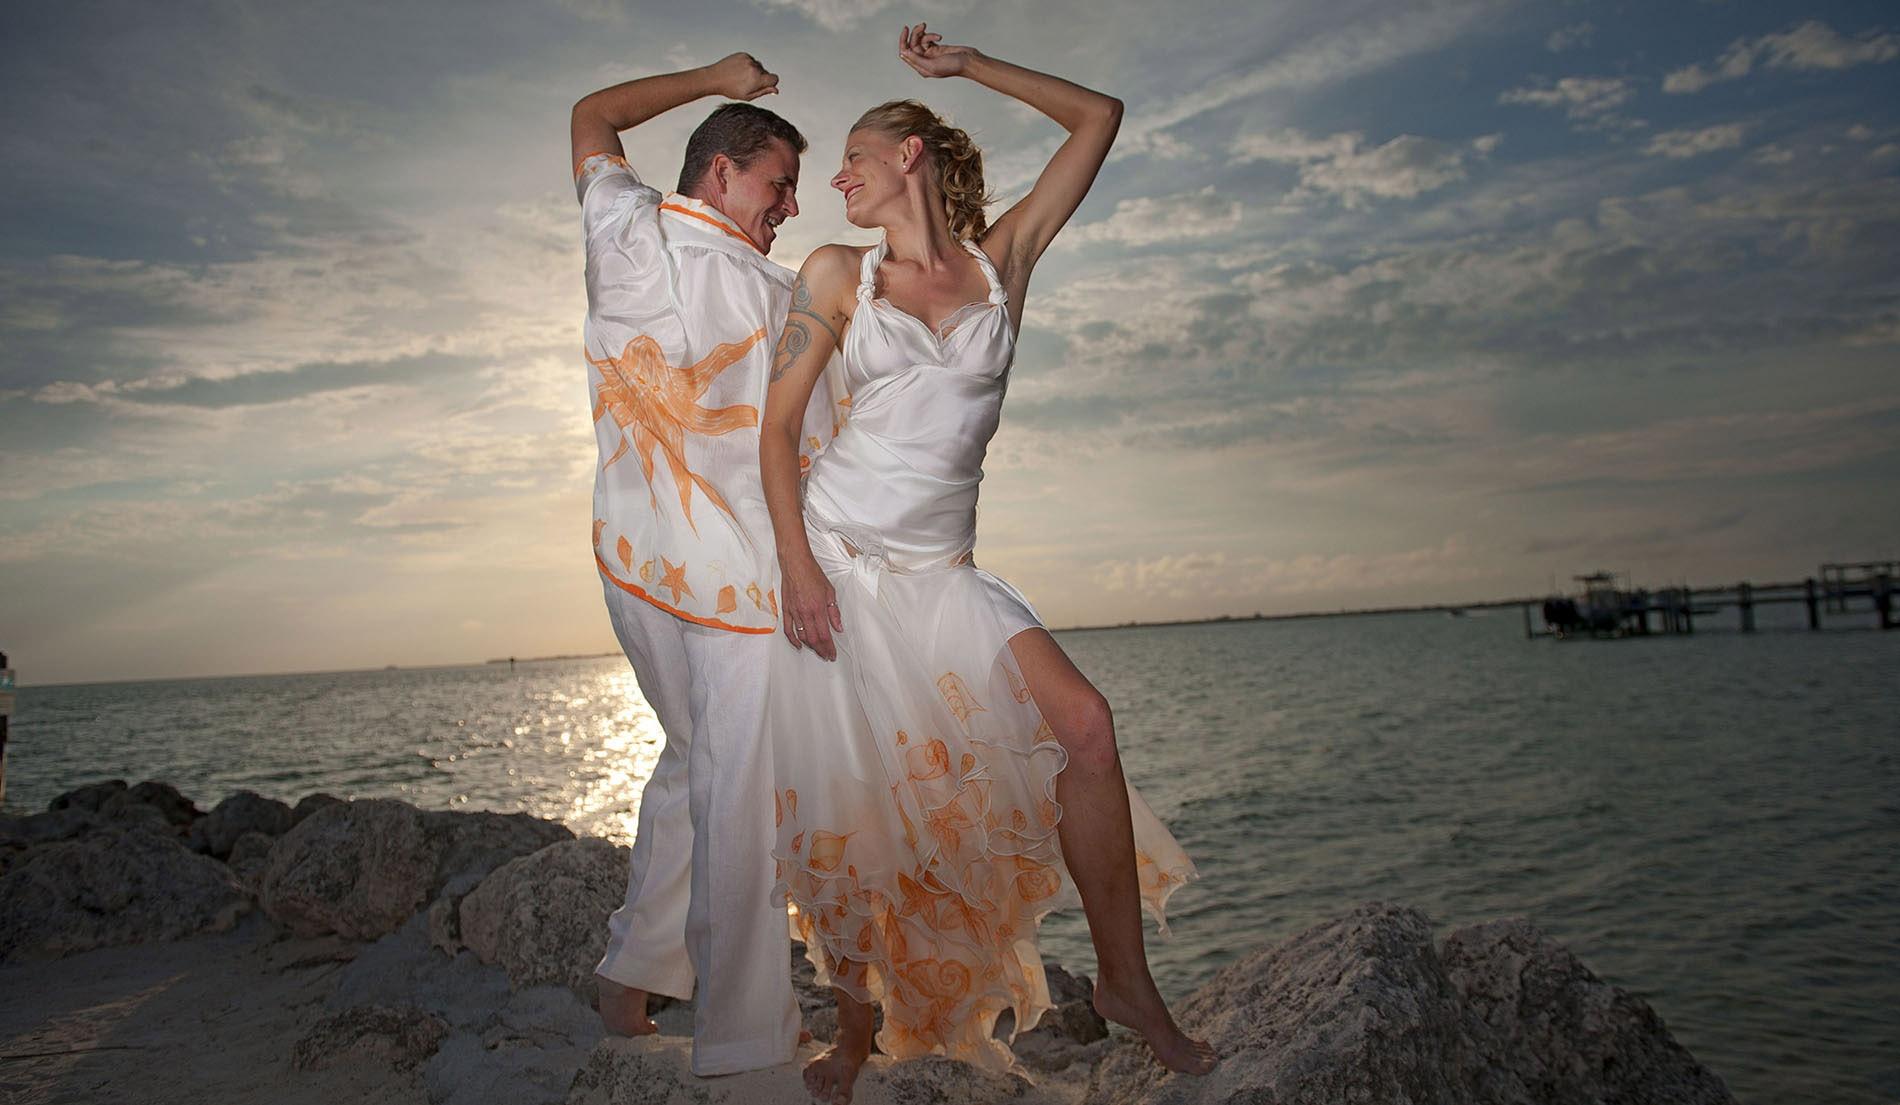 LOOK 4 with bride